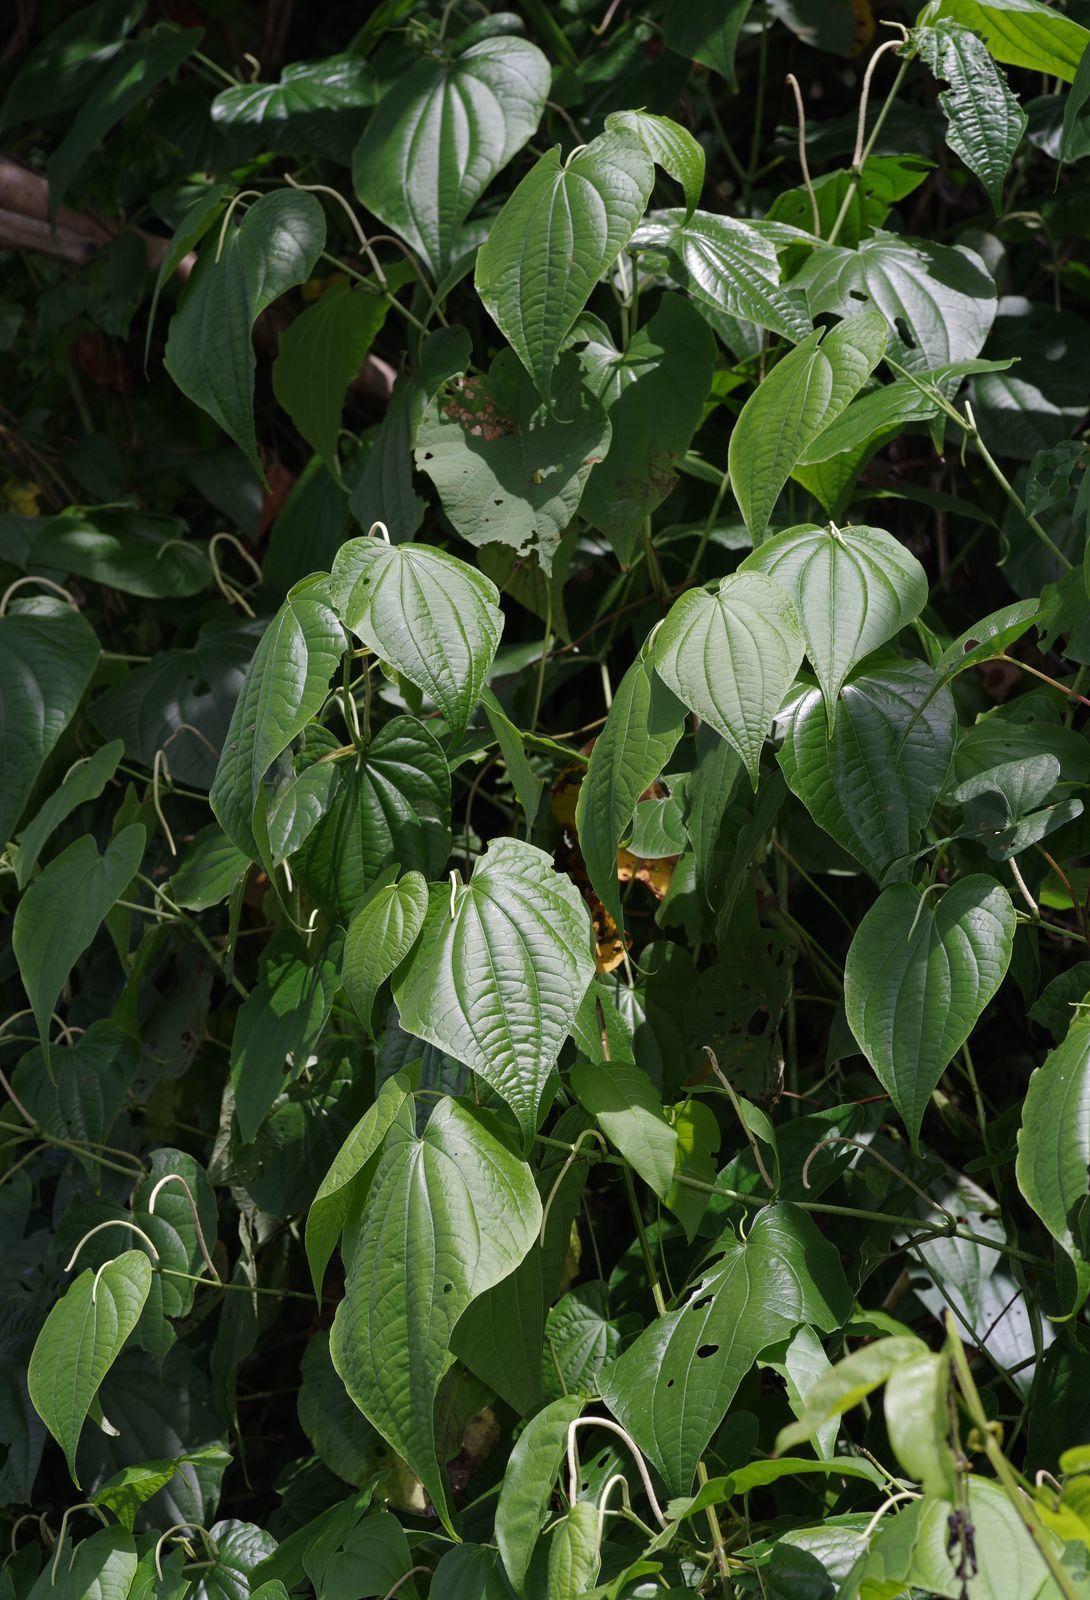 Piper marginatum